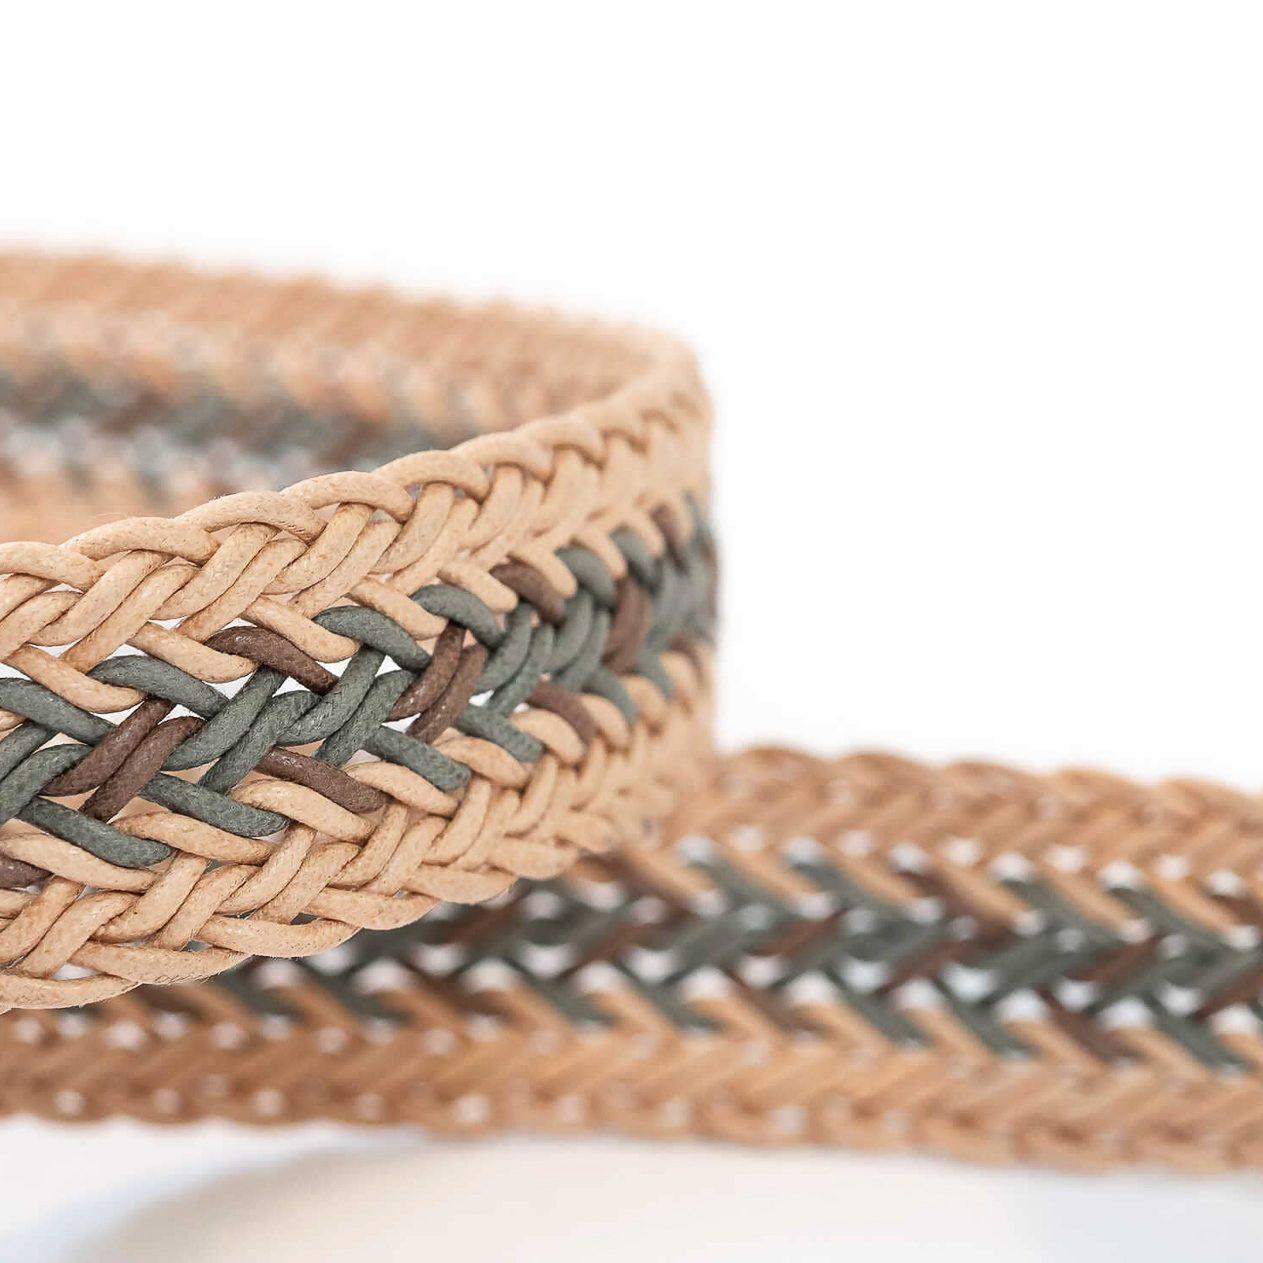 steeger-flechtmaschinen-horizontalflechtmaschinen-textil Kopie